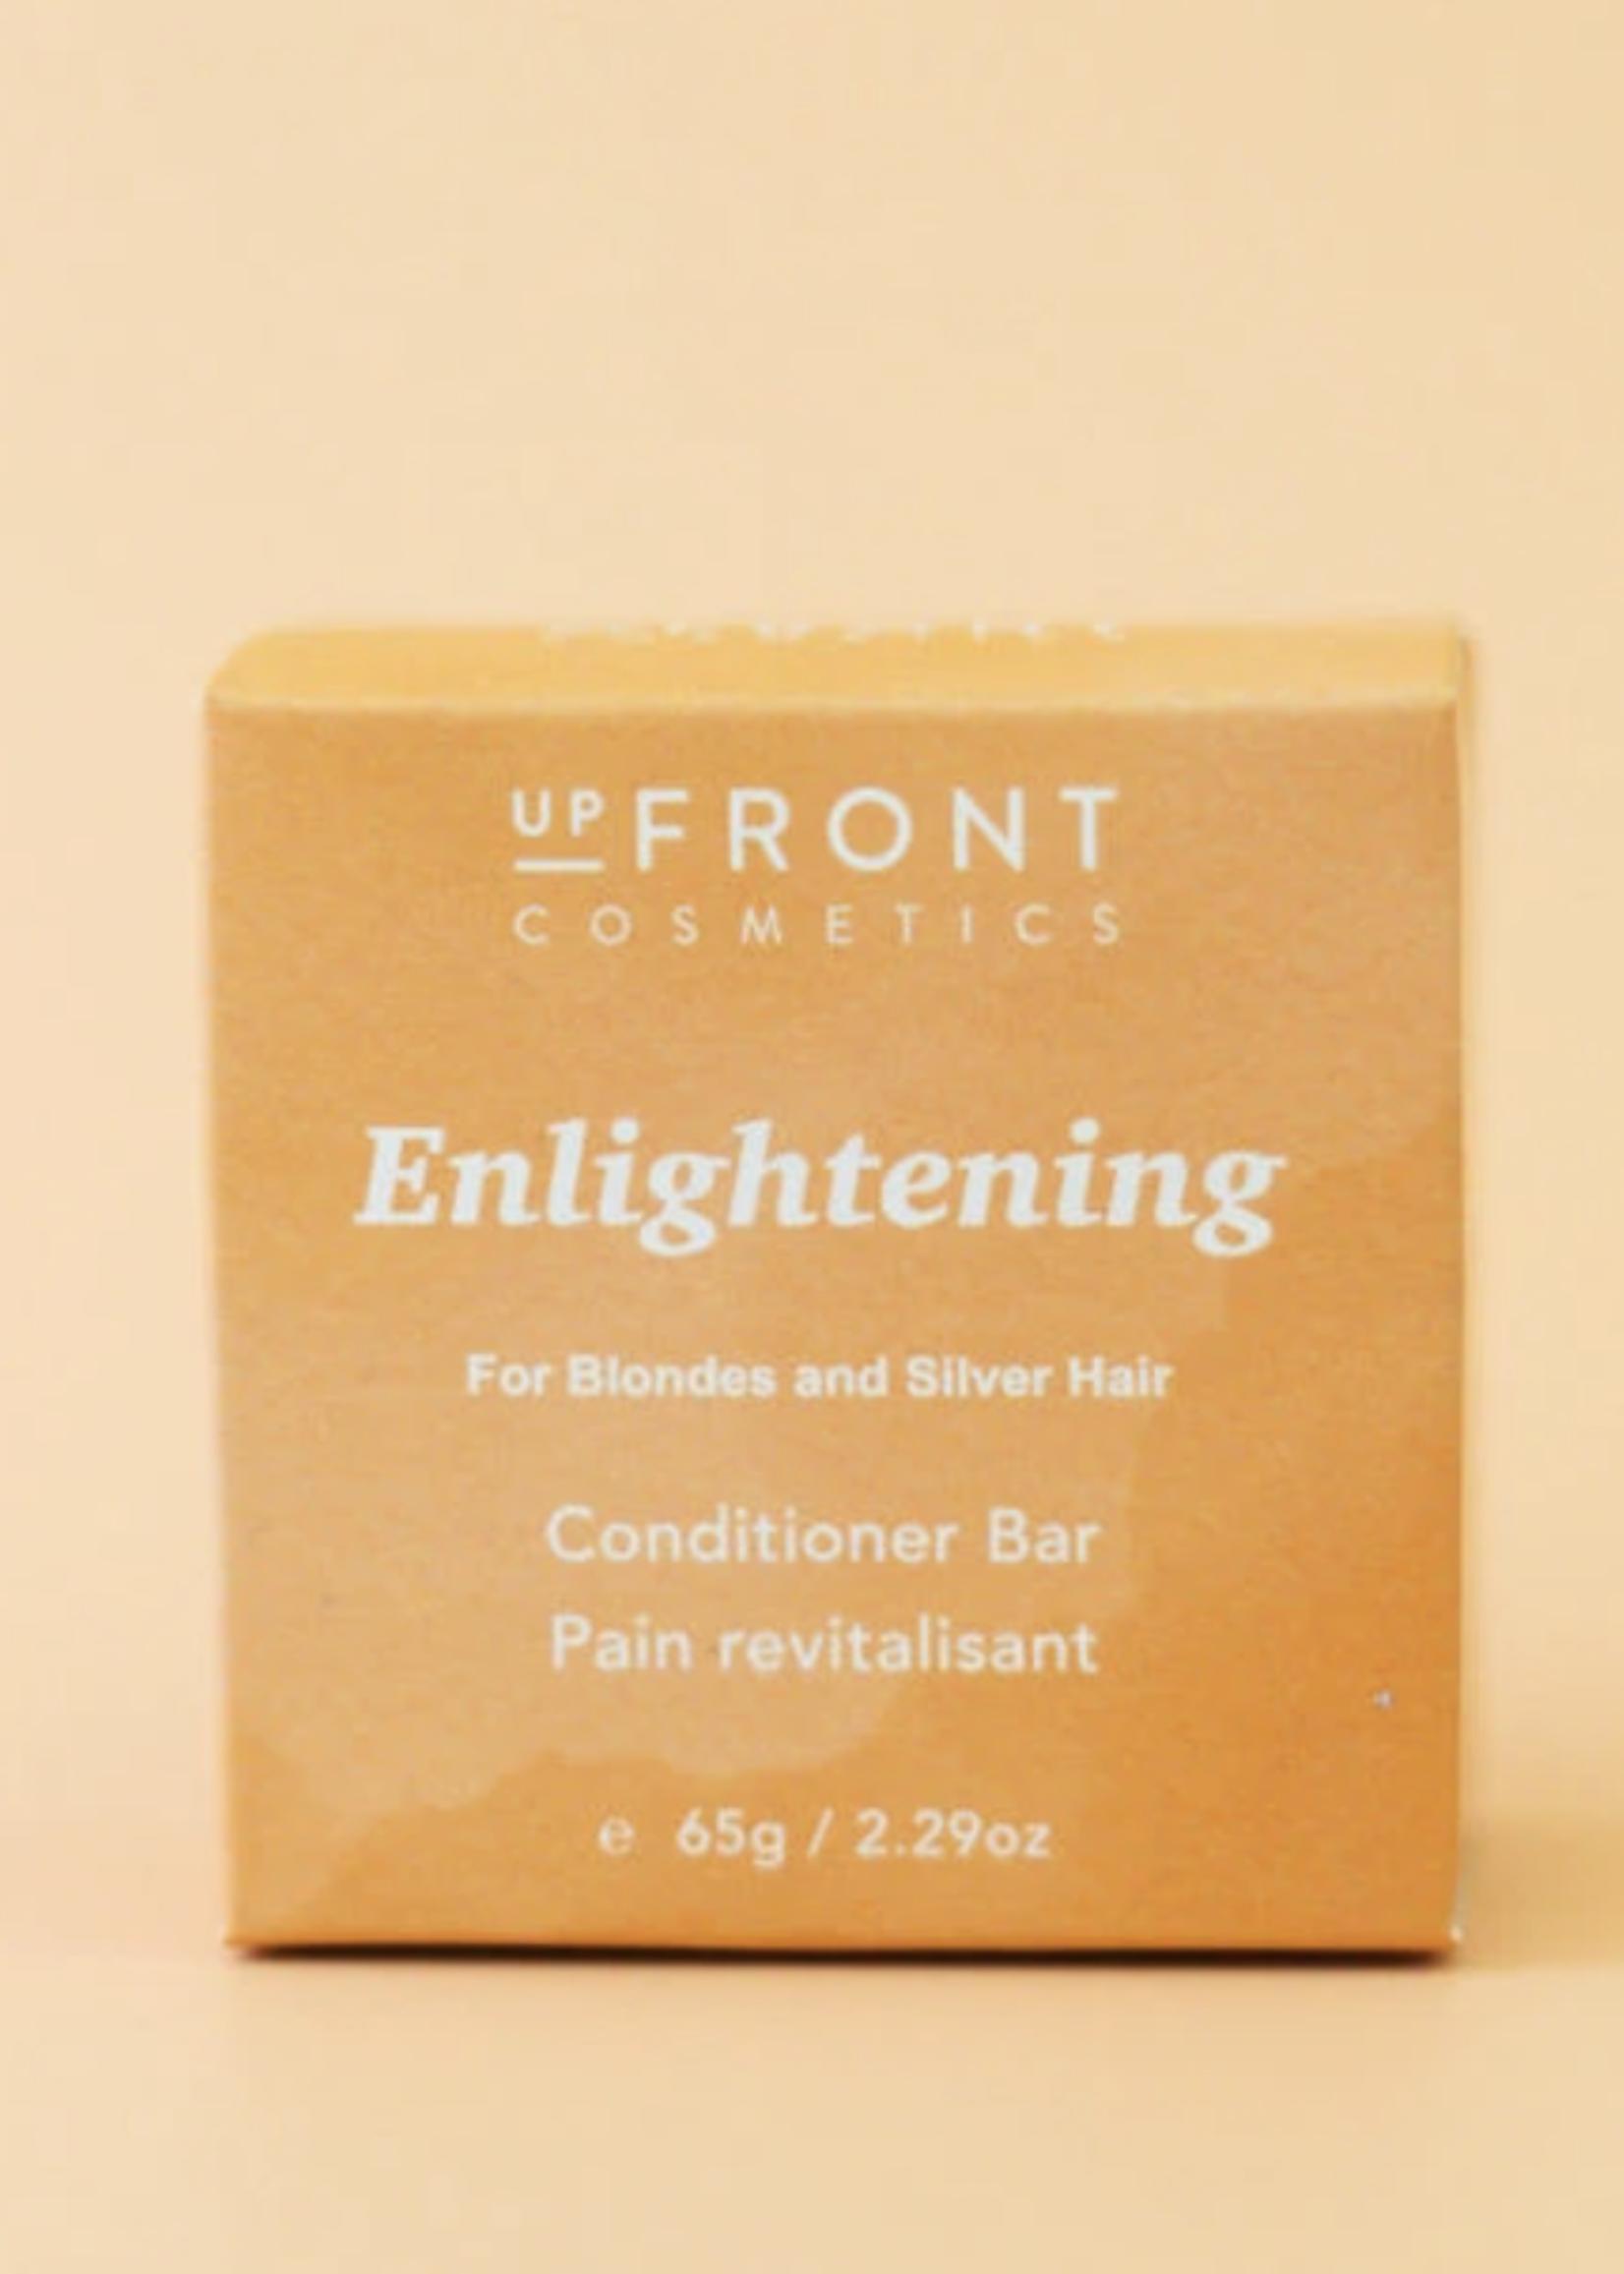 Upfront Cosmetics Enlightening Conditioner Bar